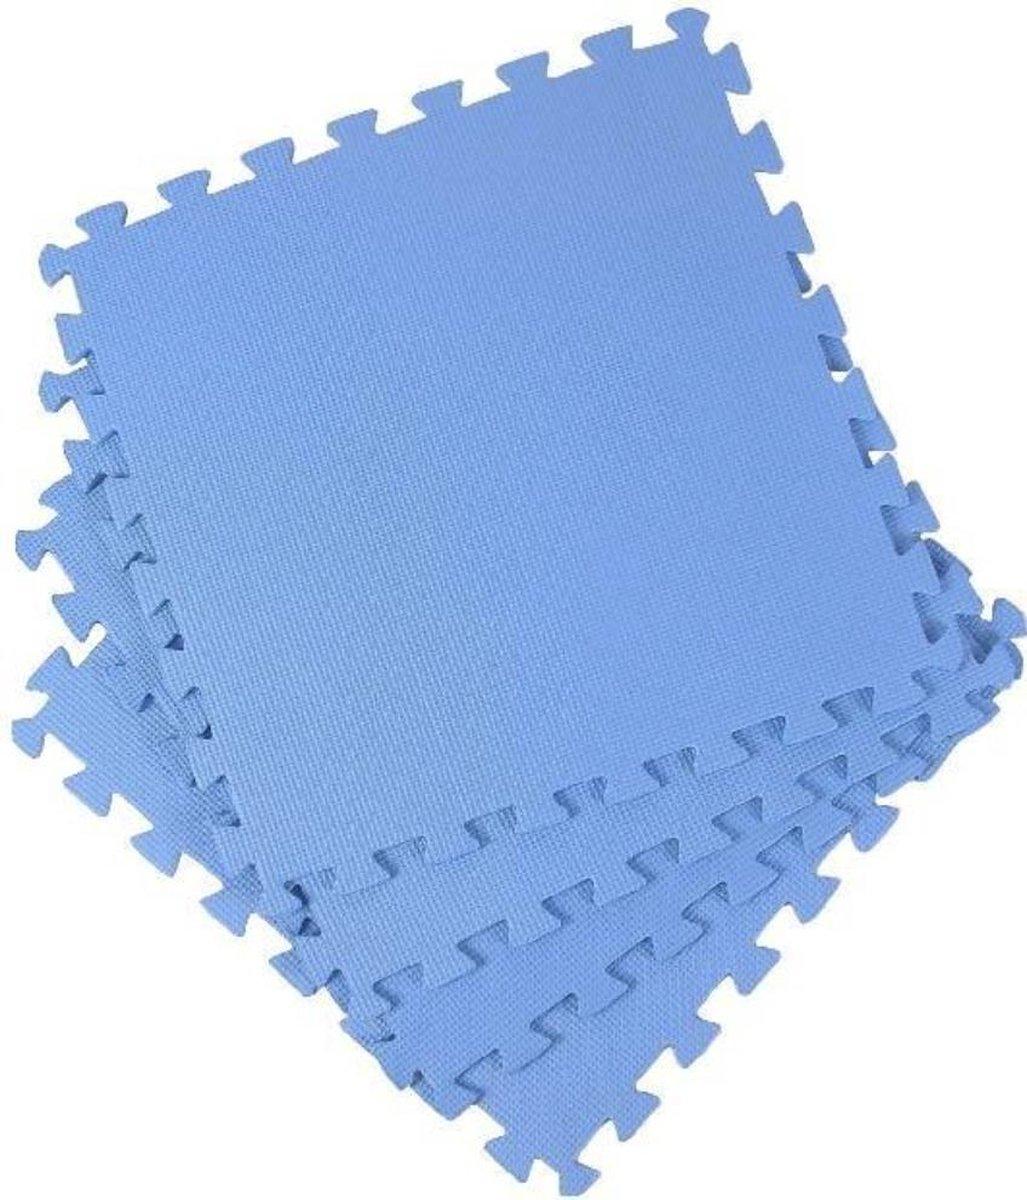 Zwembadtegels - 8 STUKS - Foam ondertegels - bescherming tegels - vloertegels - ondervloer - puzzel mat - 50CM X 50CM - ondergrond - zwembad tegels - zwembad